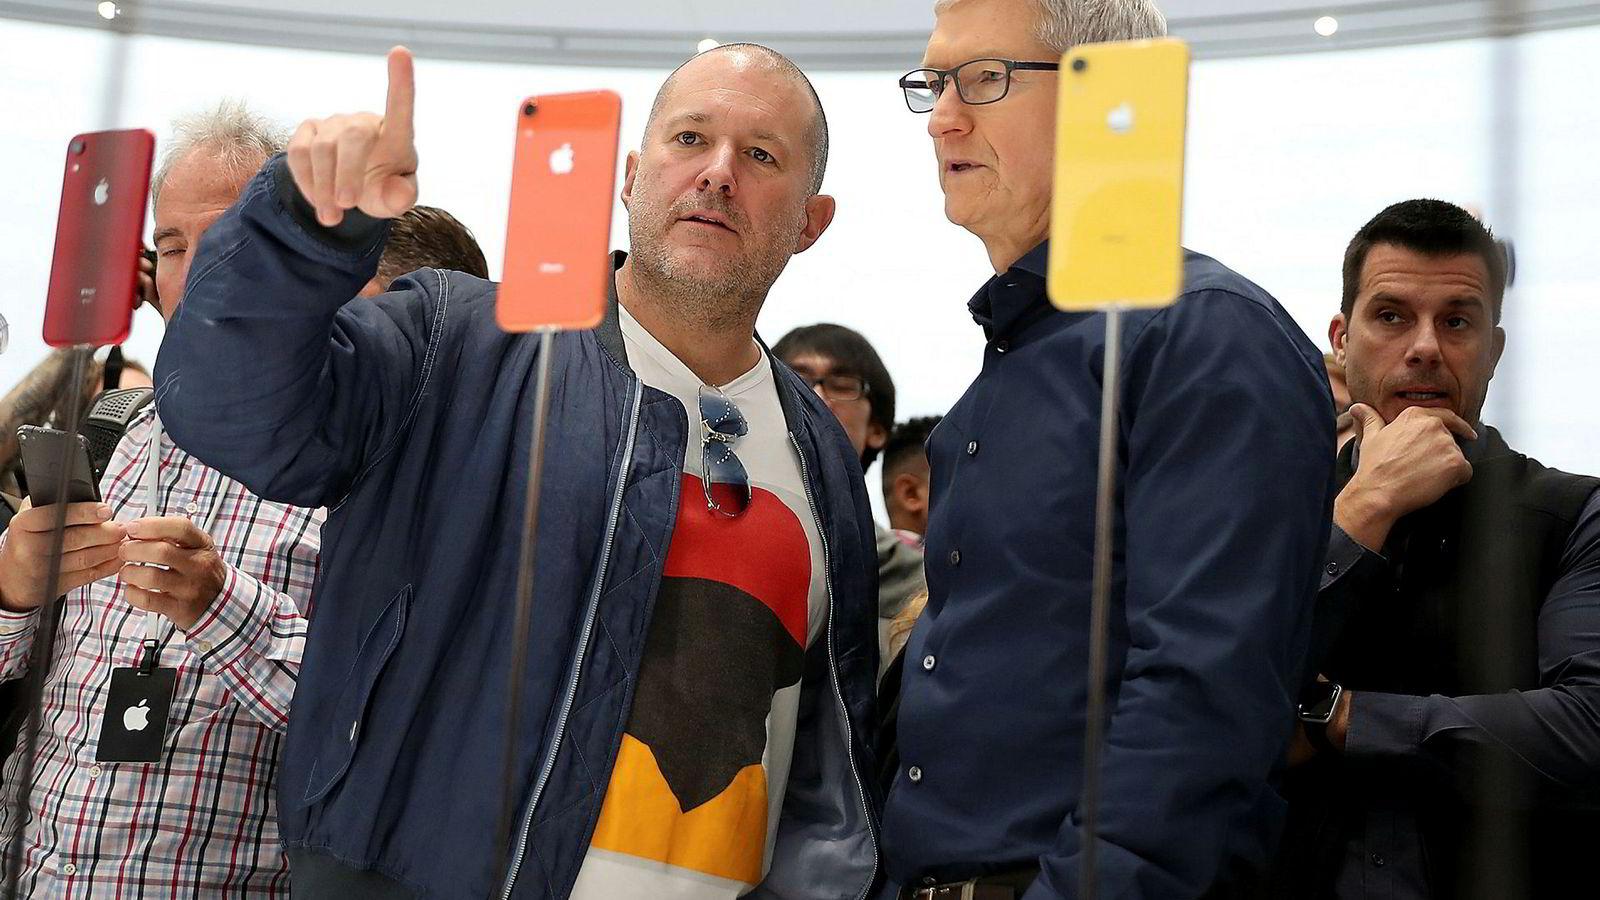 Skjermprodusenten Japan Display satset alt på å levere skjermer til Apple. Salget av «billigmodellen» Iphone XR, som konsernsjef Tim Cook lanserte i fjor høst,  har skuffet. Dette rammer Japan Display hardt. Nå kjemper selskapet en kamp for å overleve.